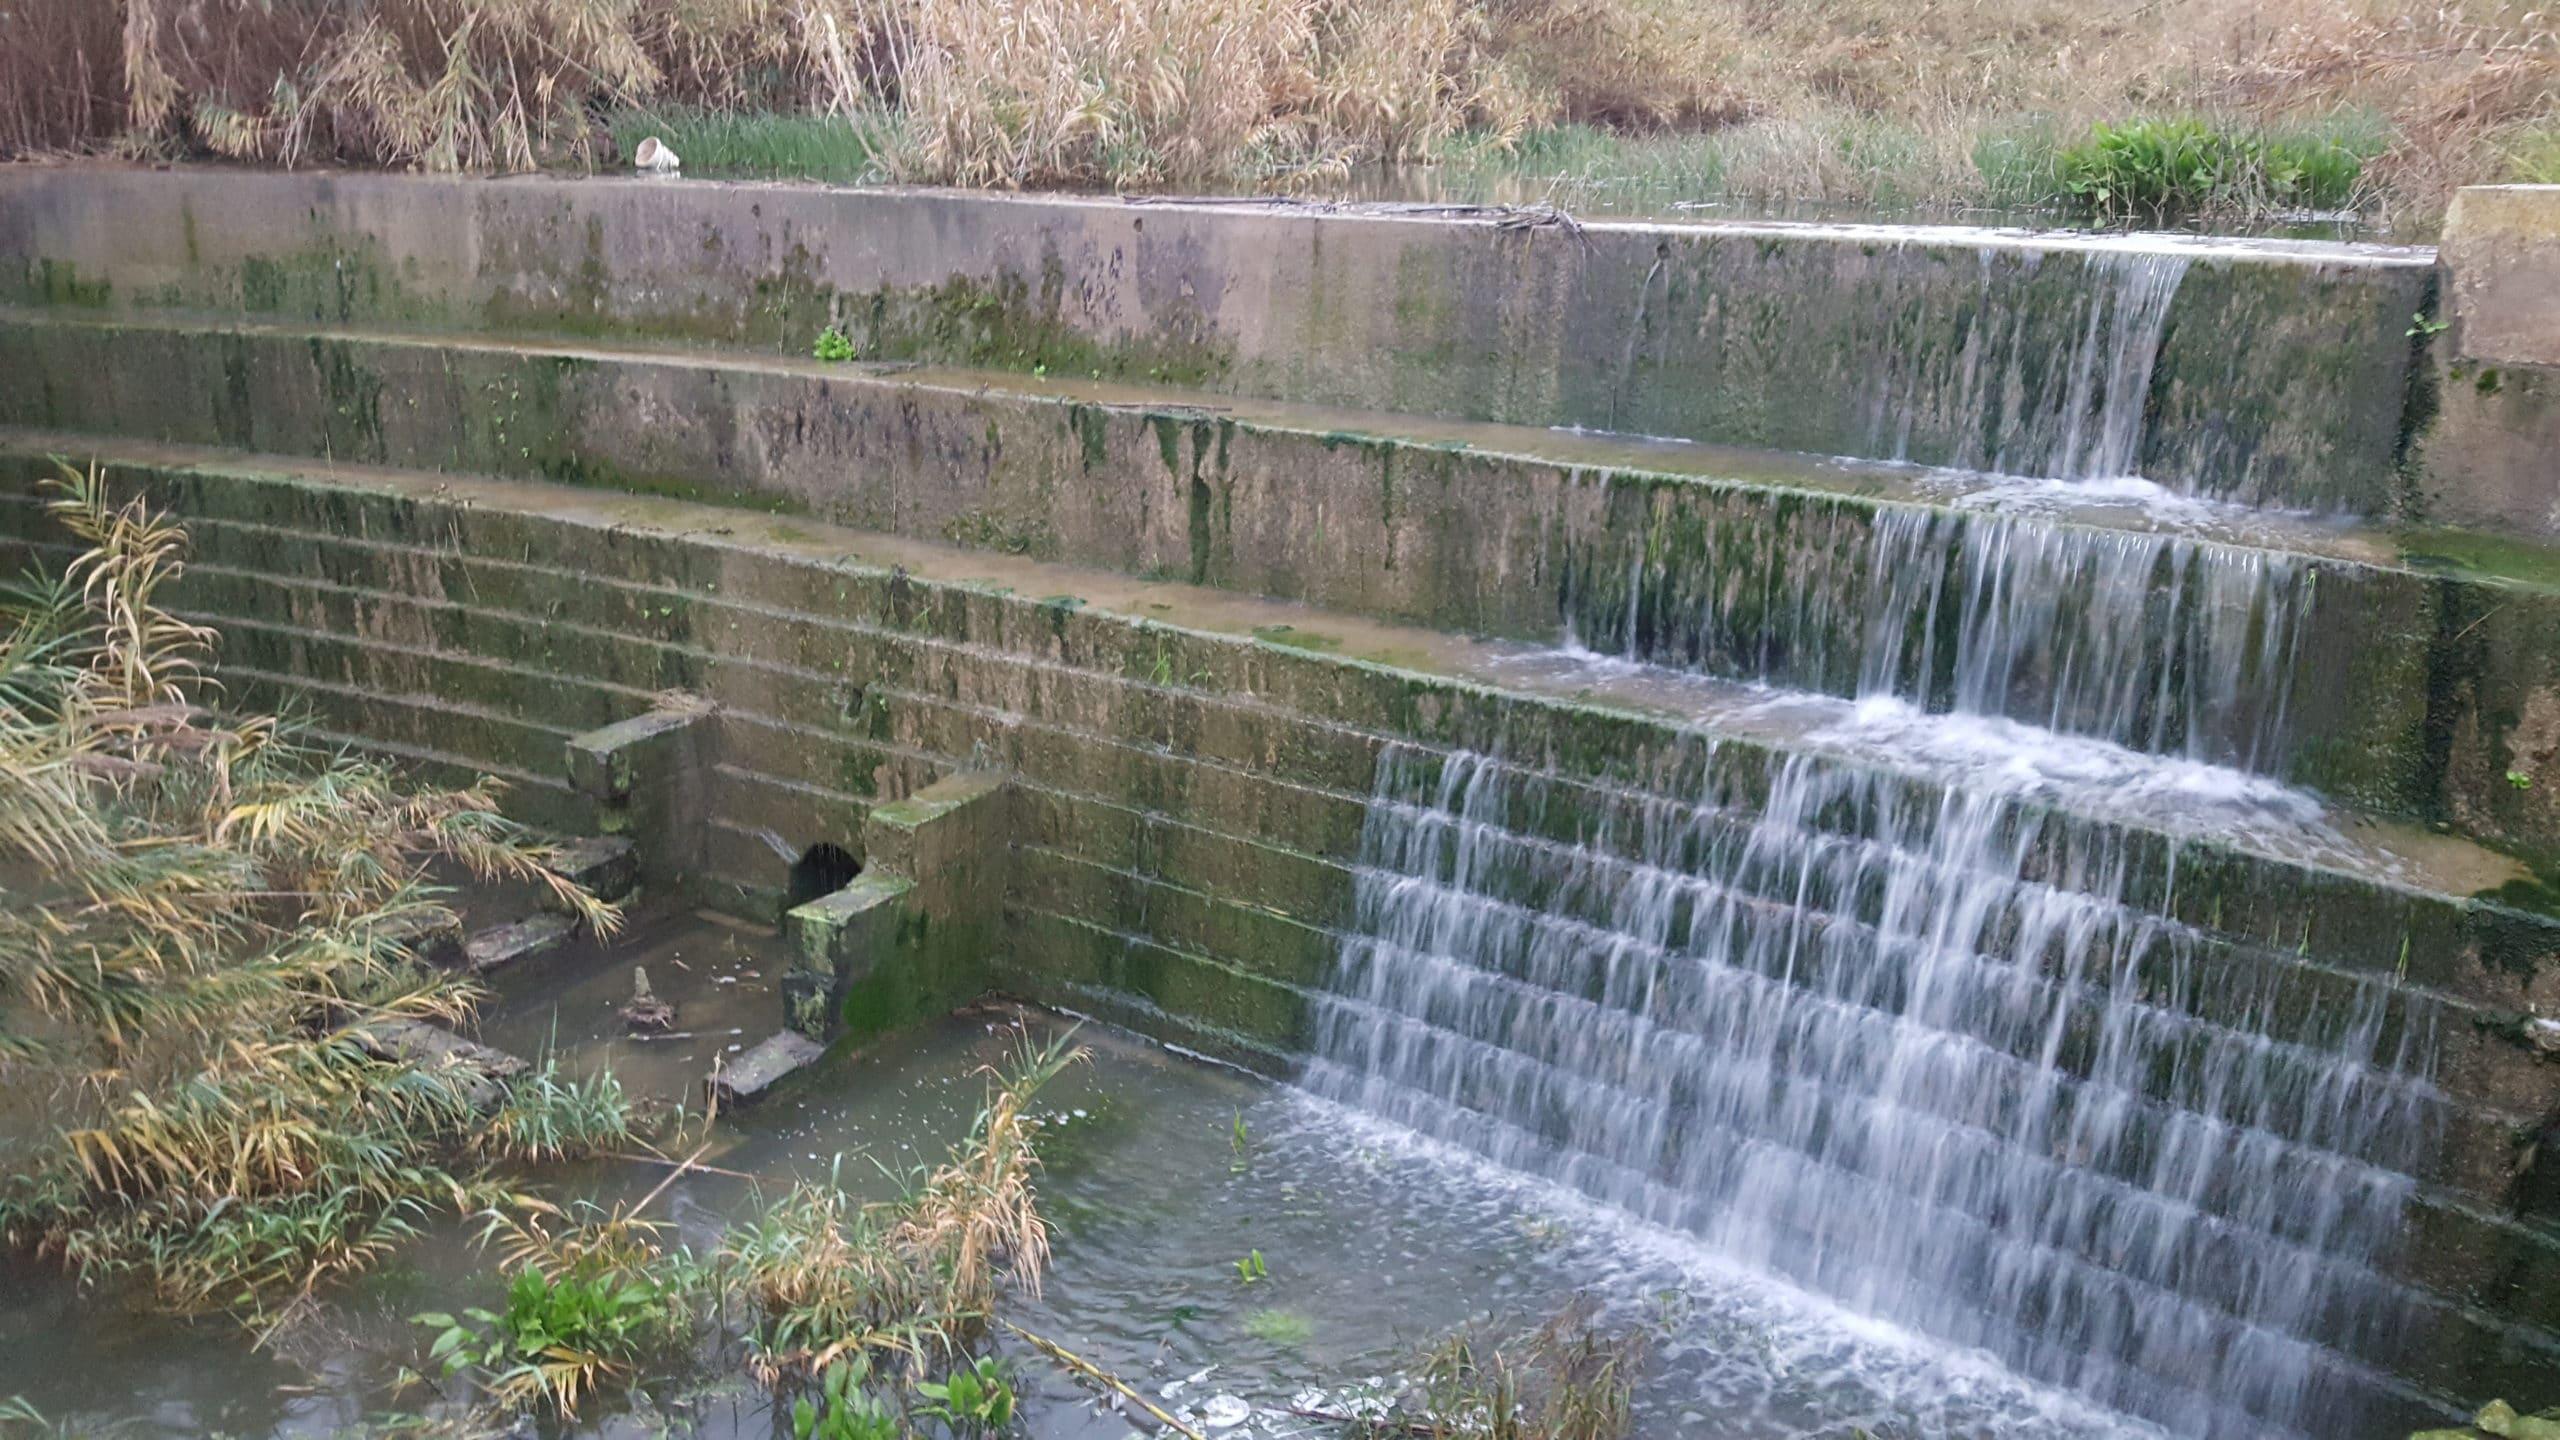 Chadwick Lakes - Wied il-Qlejgha regeneration plan